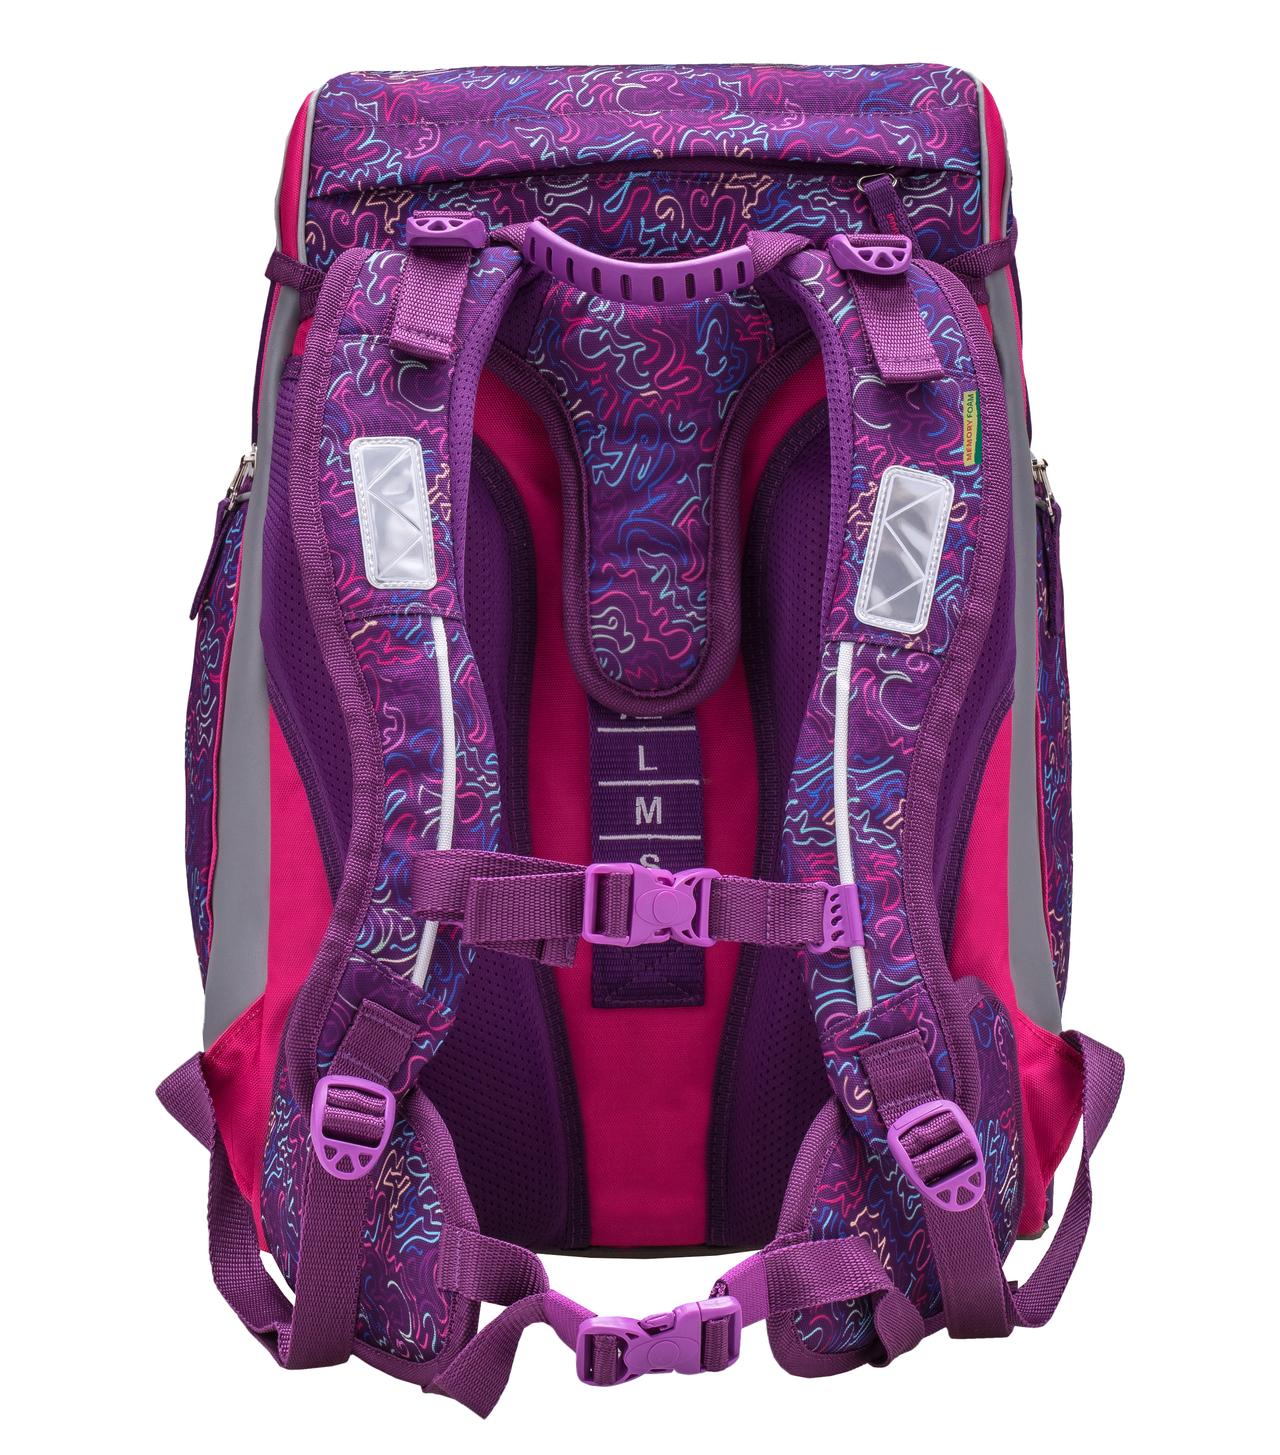 Ранец-рюкзак Belmil Comfy Pack 405-11/684 цвет Pop Art + дождевик, - фото 5